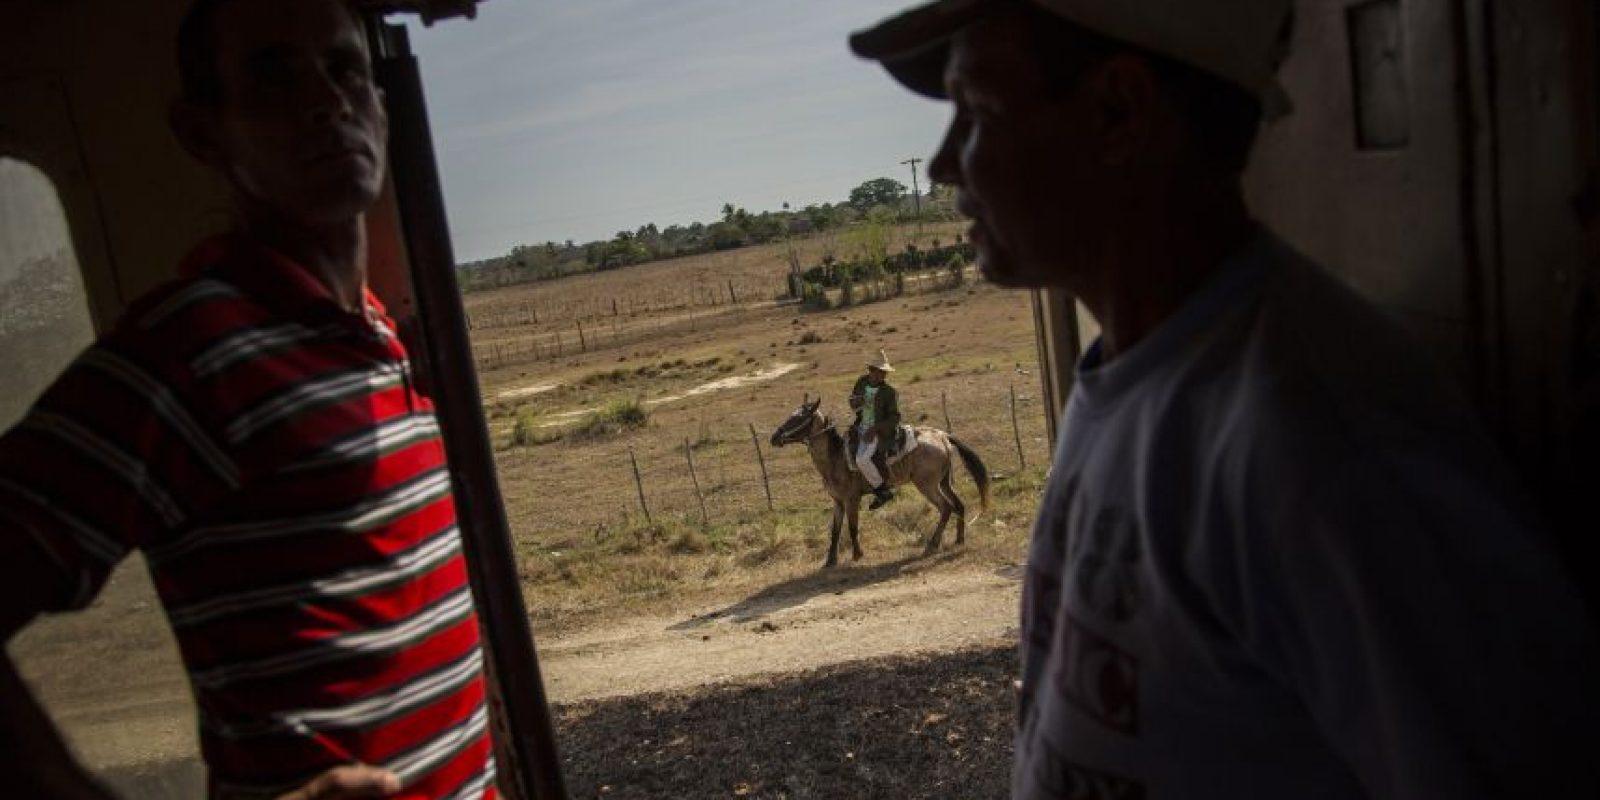 En esta fotografía del 23 de marzo de 2015, un par de pasajeros charlan en un tren mientras un granjero monta su caballo junto a las vías en la provincia de Holguín en Cuba. El país se convirtió en el primero en Latinoamérica en tener un sistema ferroviario a mediados del siglo XIX cuando la España colonial comenzó a conectar La Habana con las regiones azucareras afuera de la capital. Foto:AP Photo/ Ramón Espionsa